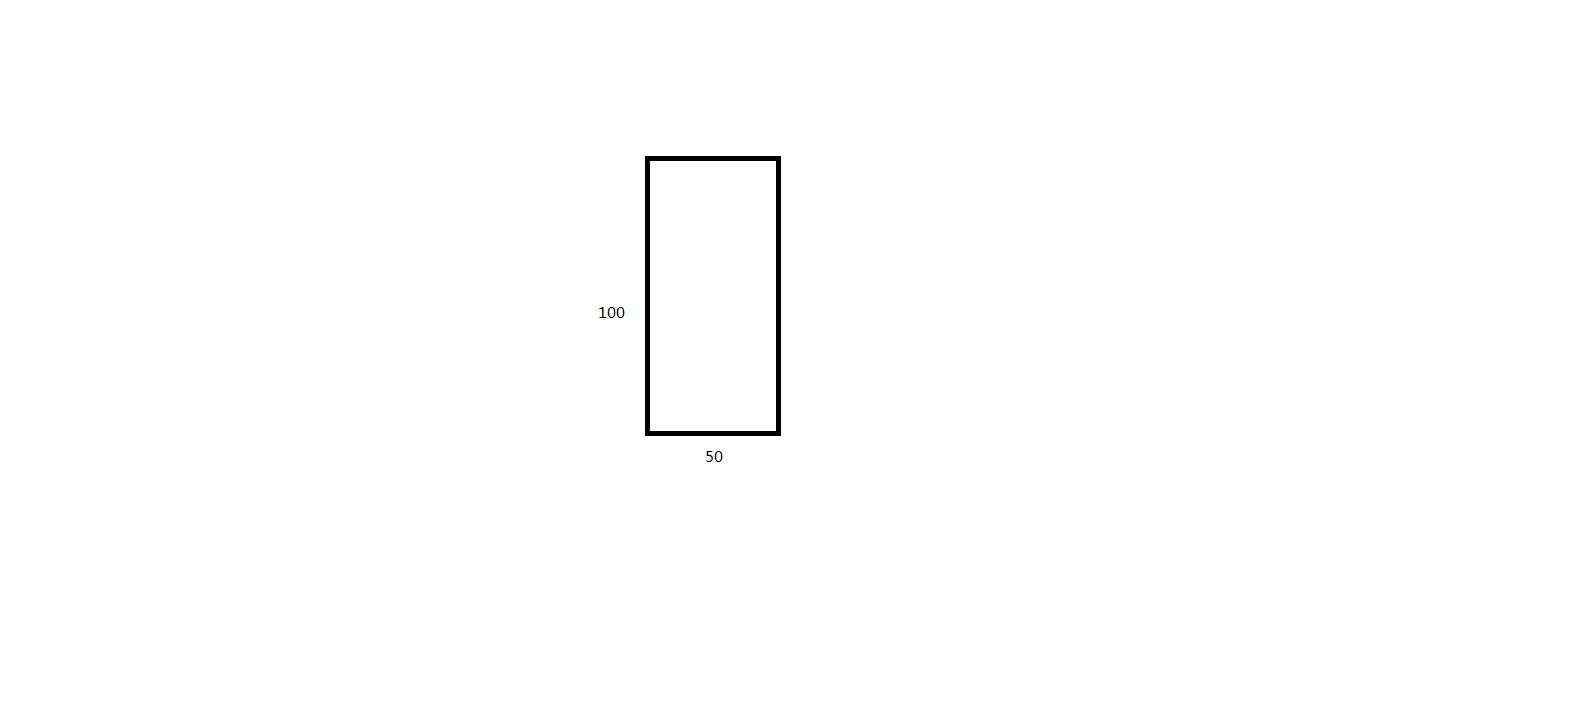 如下图,把长方形拼成一个正方形.非常急呀!图片